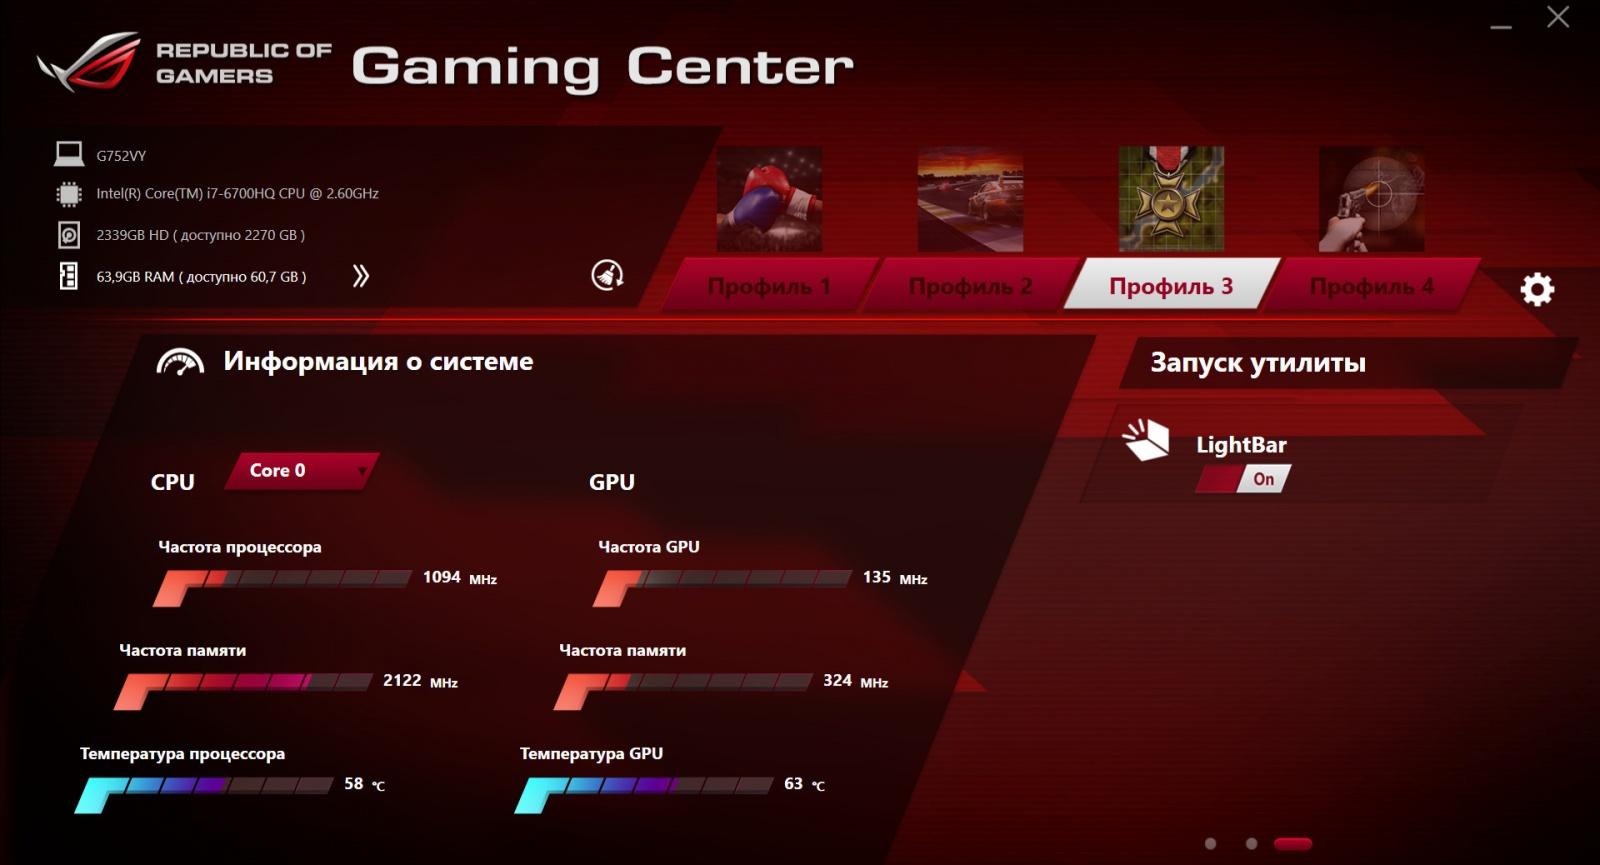 Обзор игрового ноутбука G752VY - 37